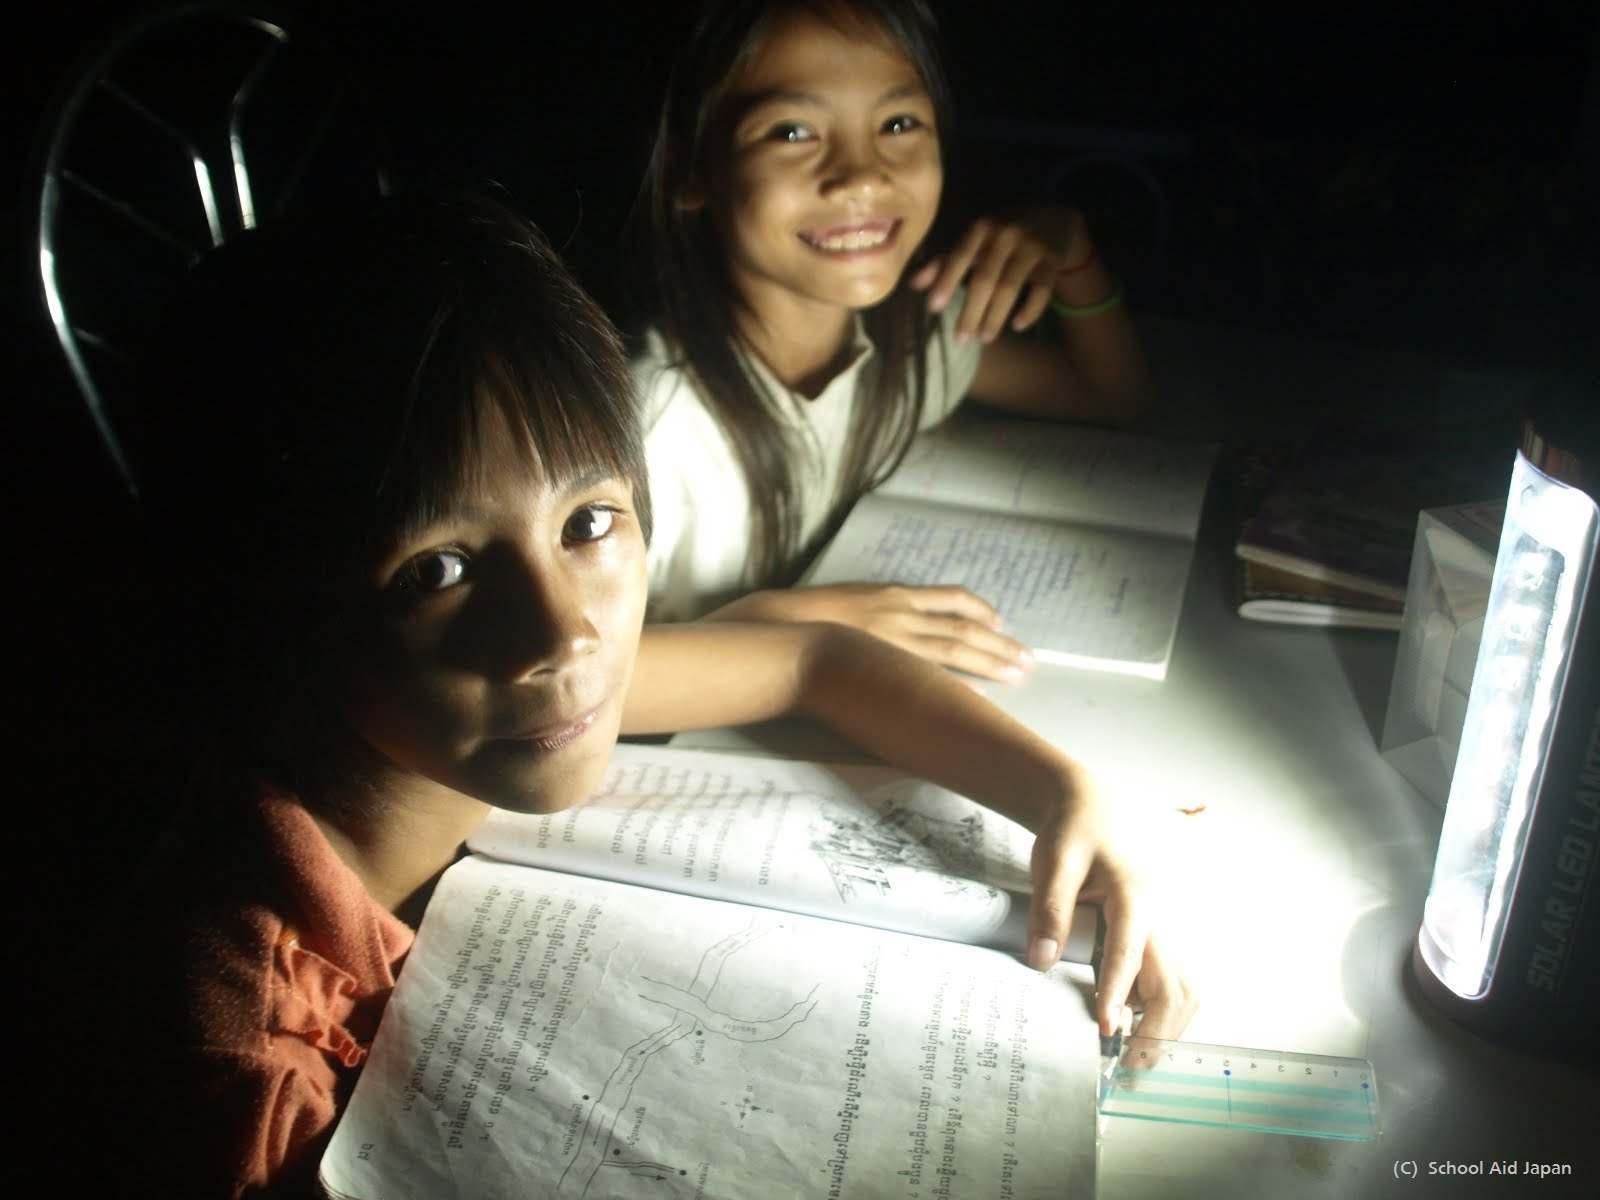 自習する孤児院の子どもたち(写真提供: 公益財団法人 School Aid Japan )